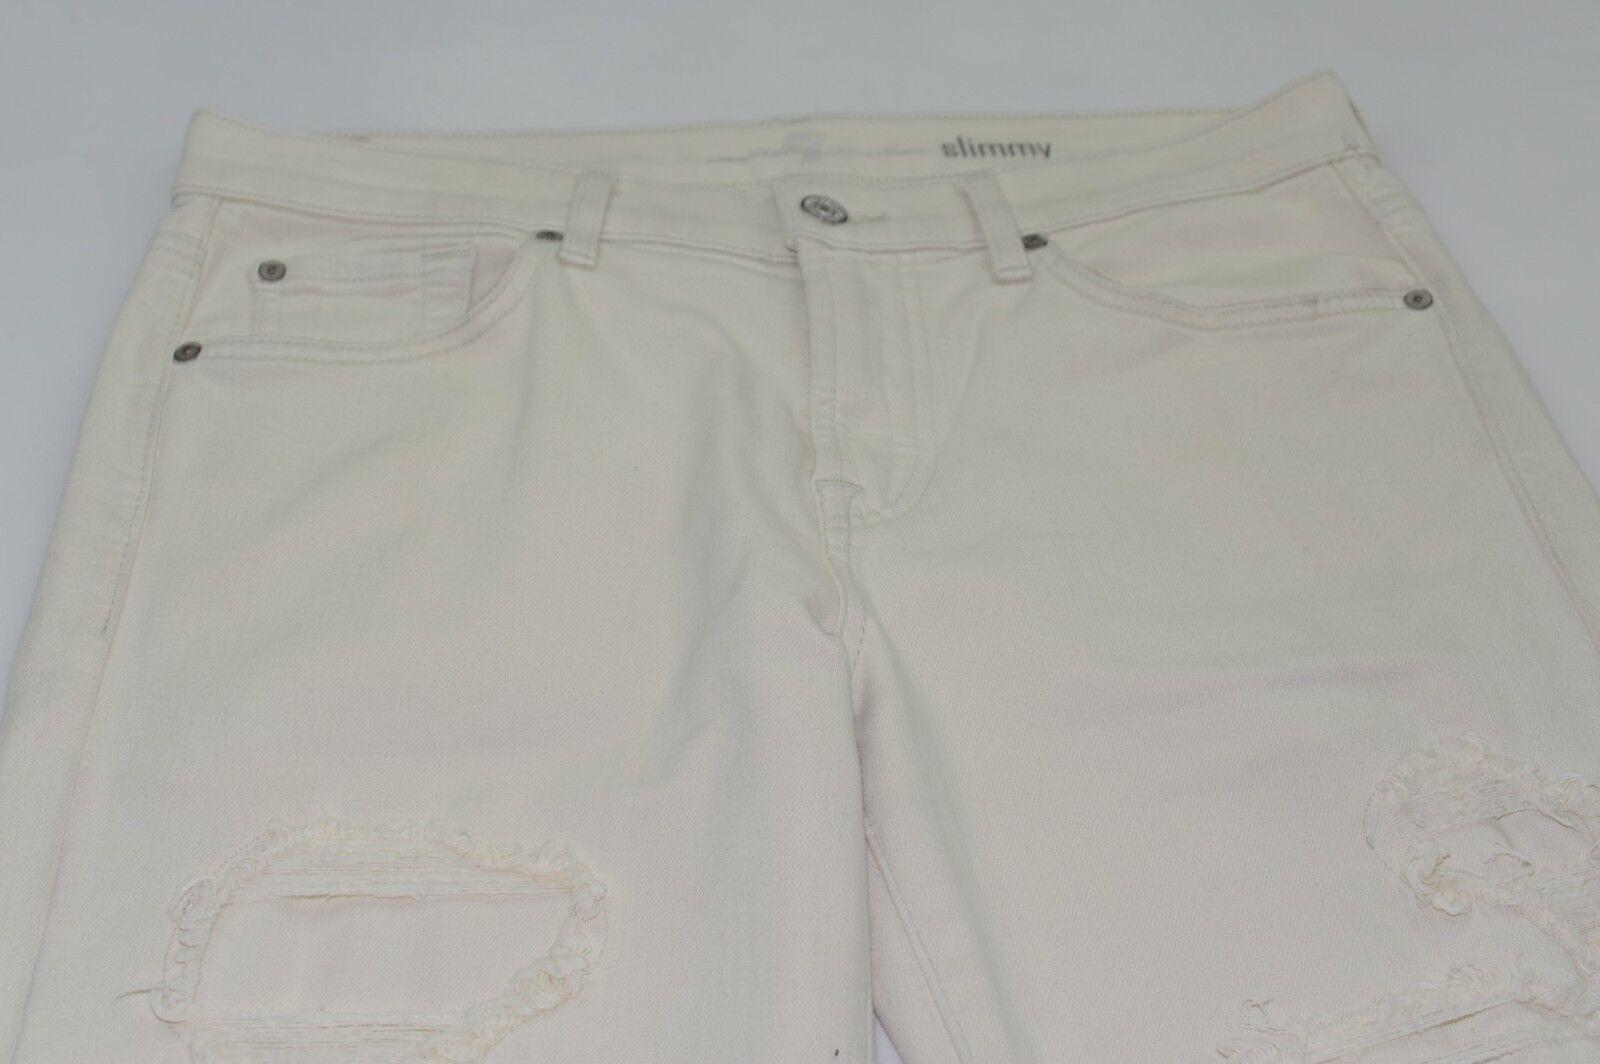 NWOT 7 For All Mankind Men's Slim Straight Leg Jeans Pants 33X29